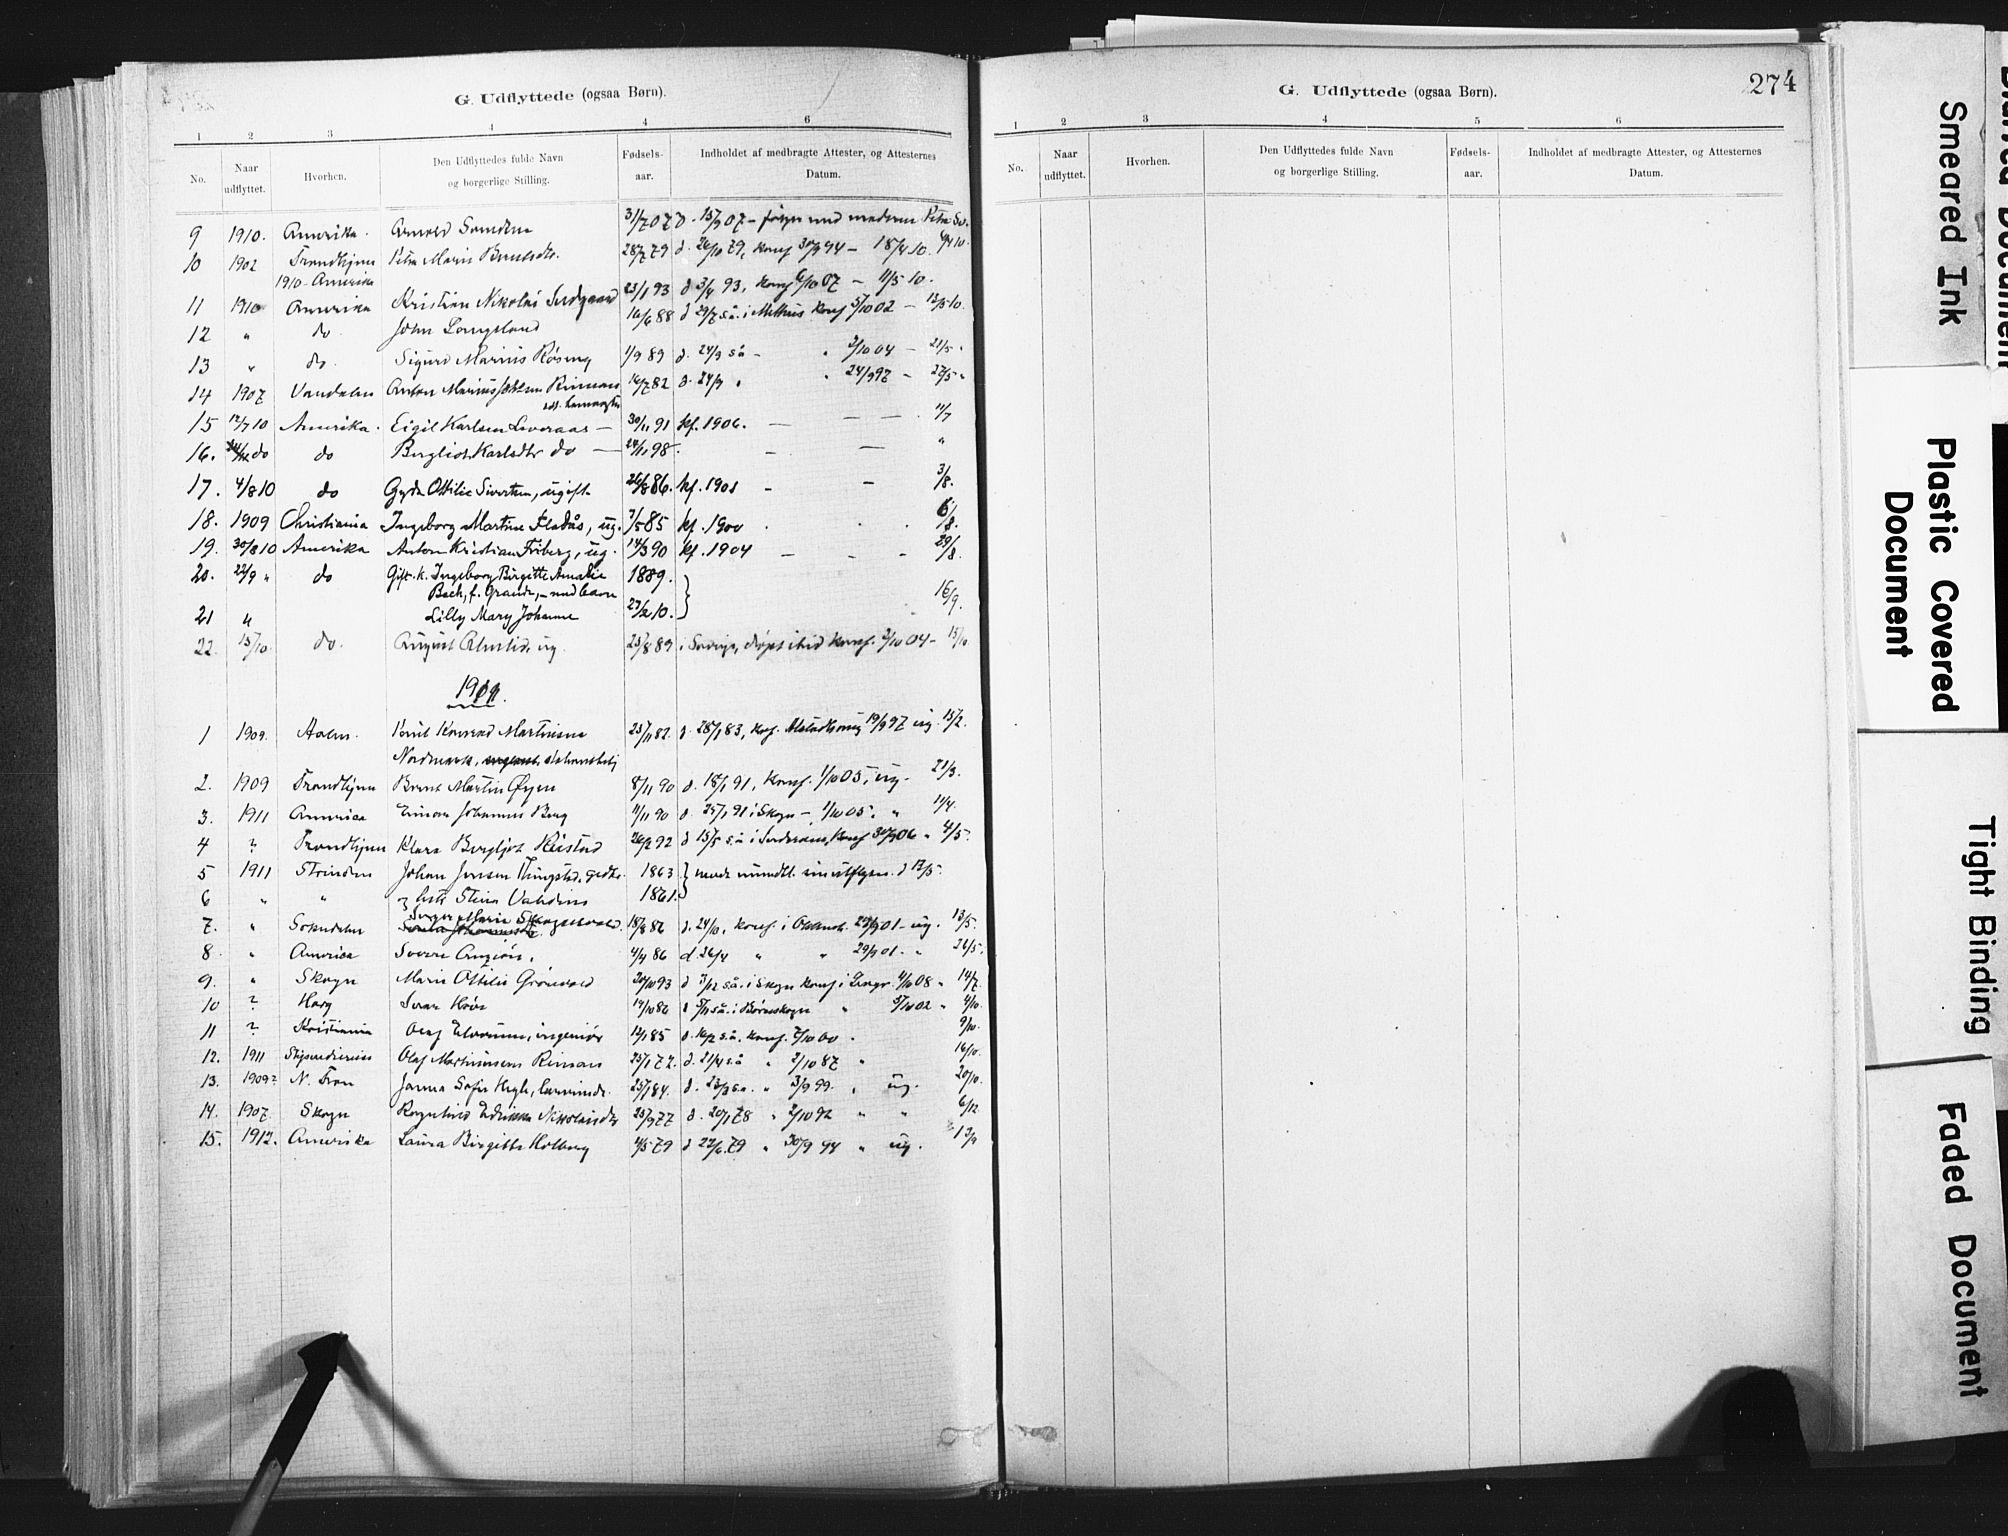 SAT, Ministerialprotokoller, klokkerbøker og fødselsregistre - Nord-Trøndelag, 721/L0207: Ministerialbok nr. 721A02, 1880-1911, s. 274